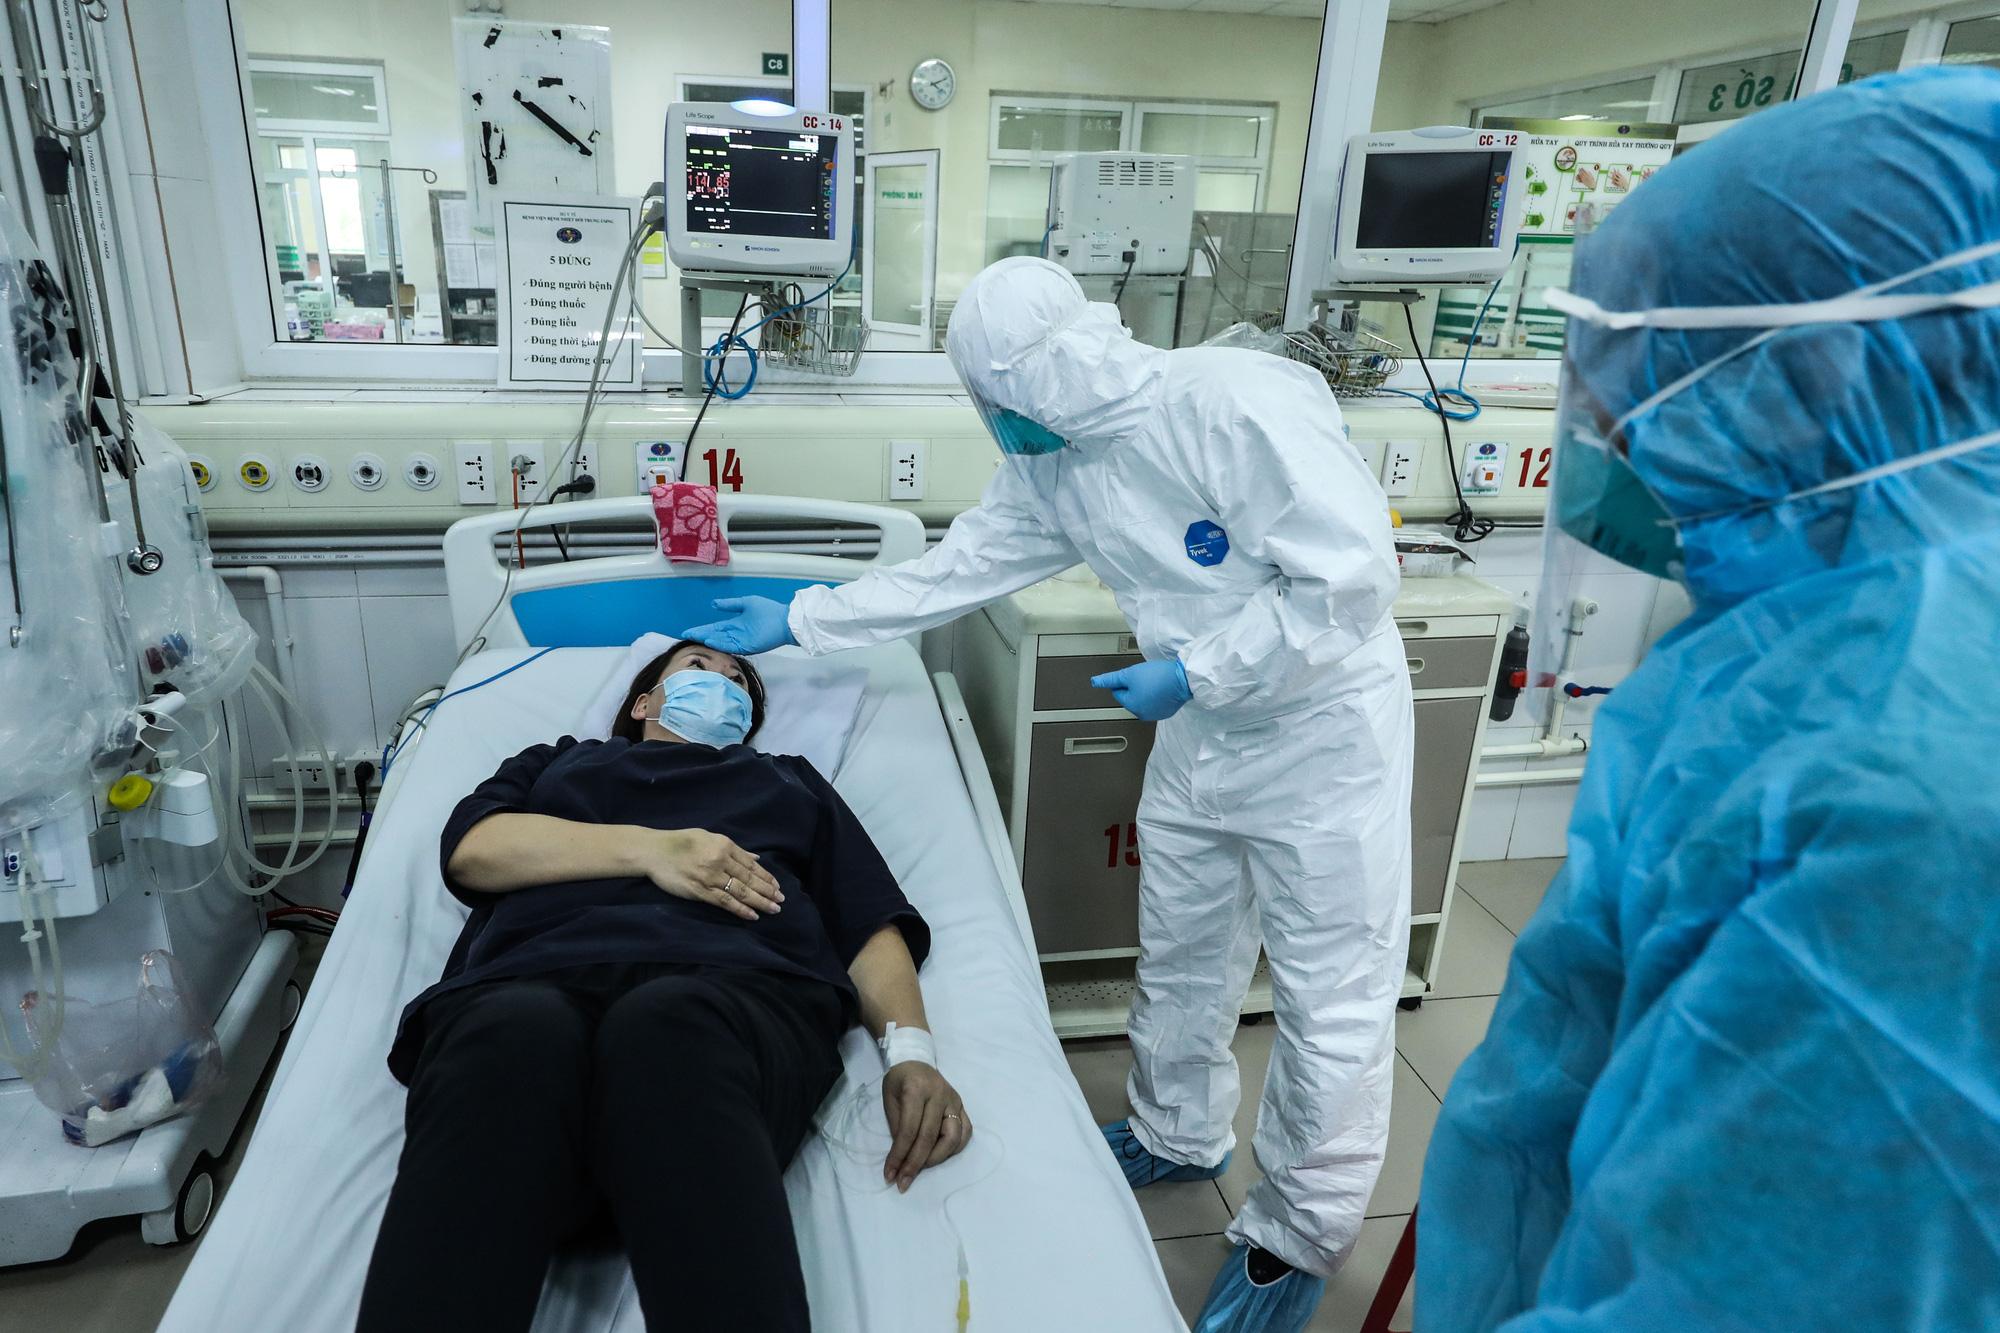 Hãng Sputnik  Việt Nam nêu tấm gương trong phòng chống dịch bệnh COVID-19